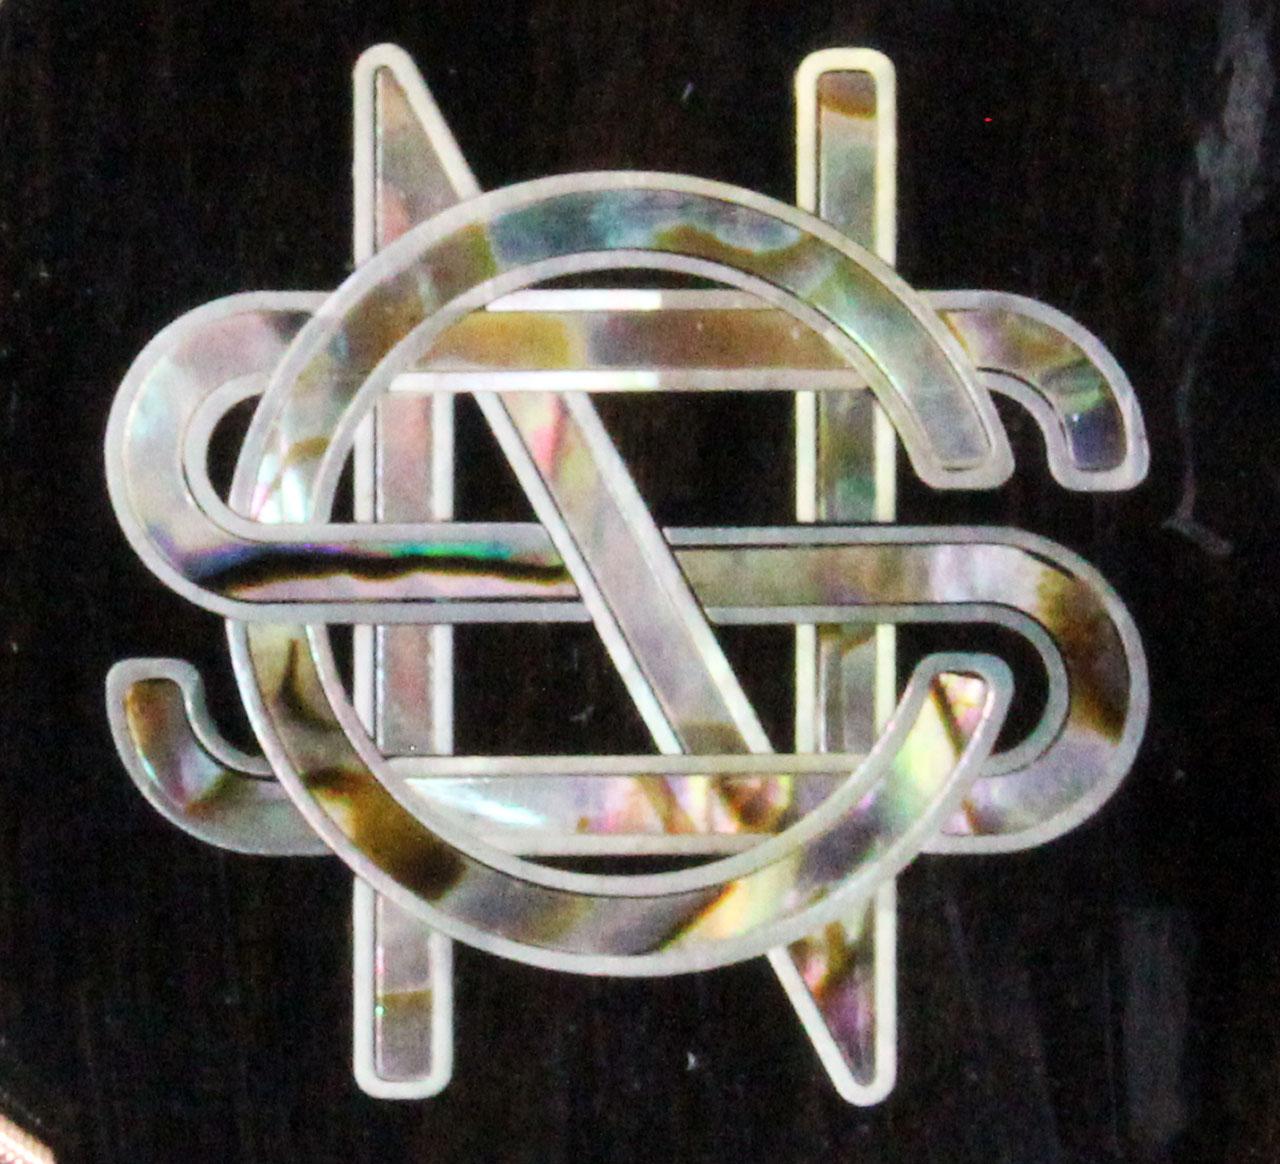 Martin_CSN_Tolman_2007_cons_headstock_logo_detail_1